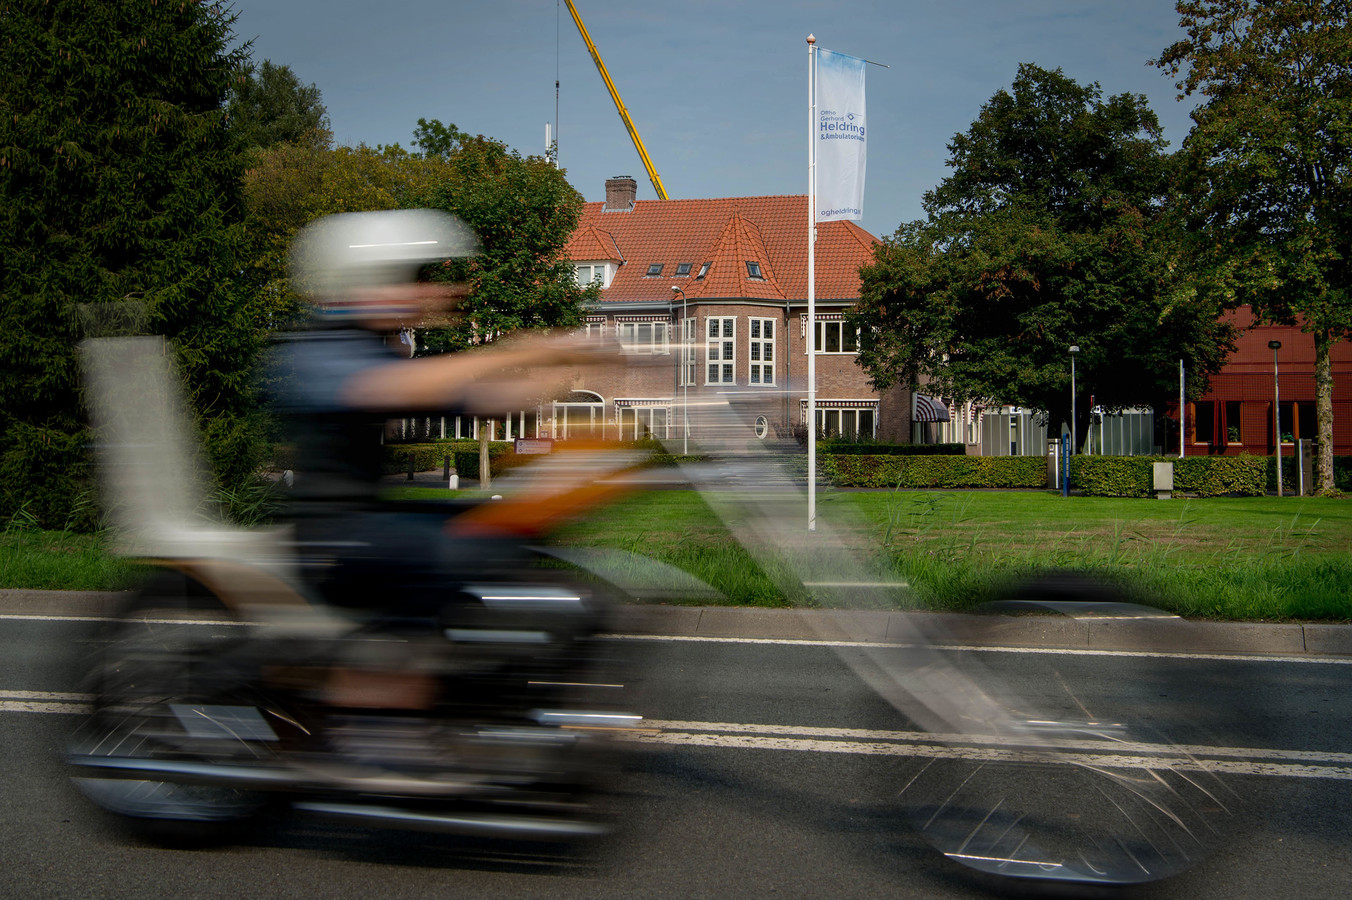 De Heldringstichting in Zetten.